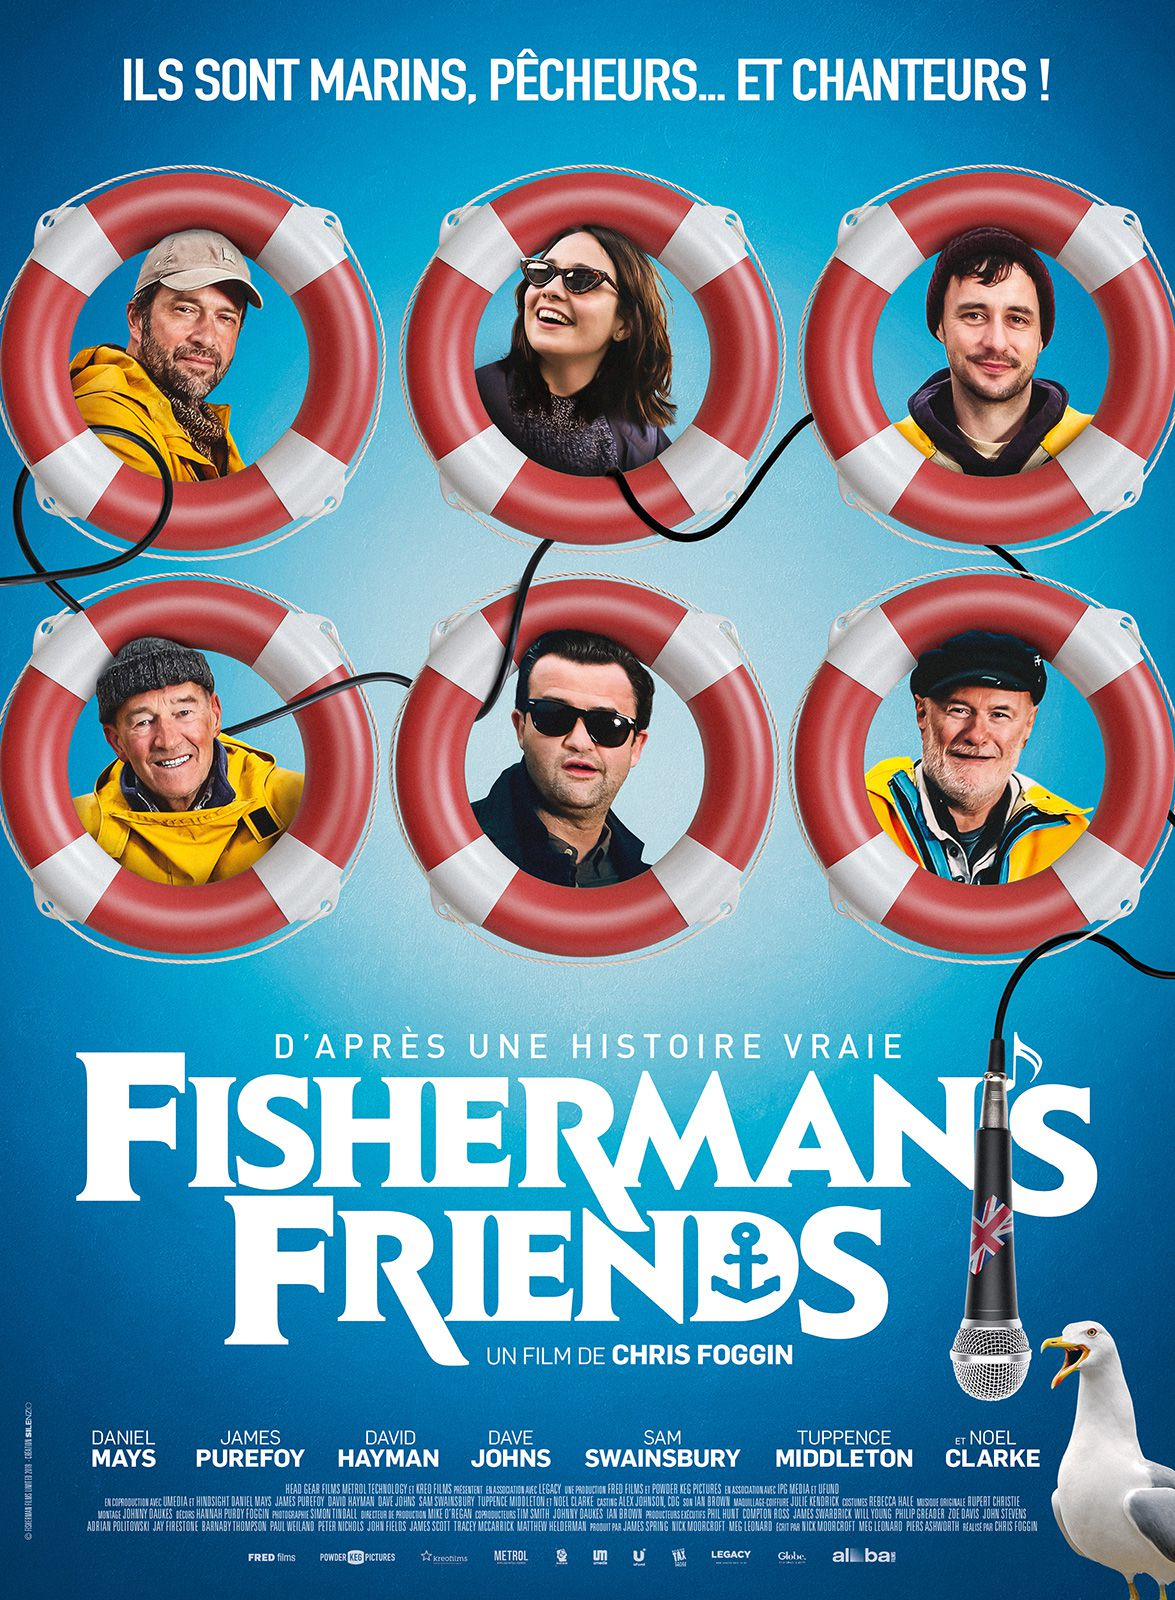 Fisherman's Friends - Film (2021)